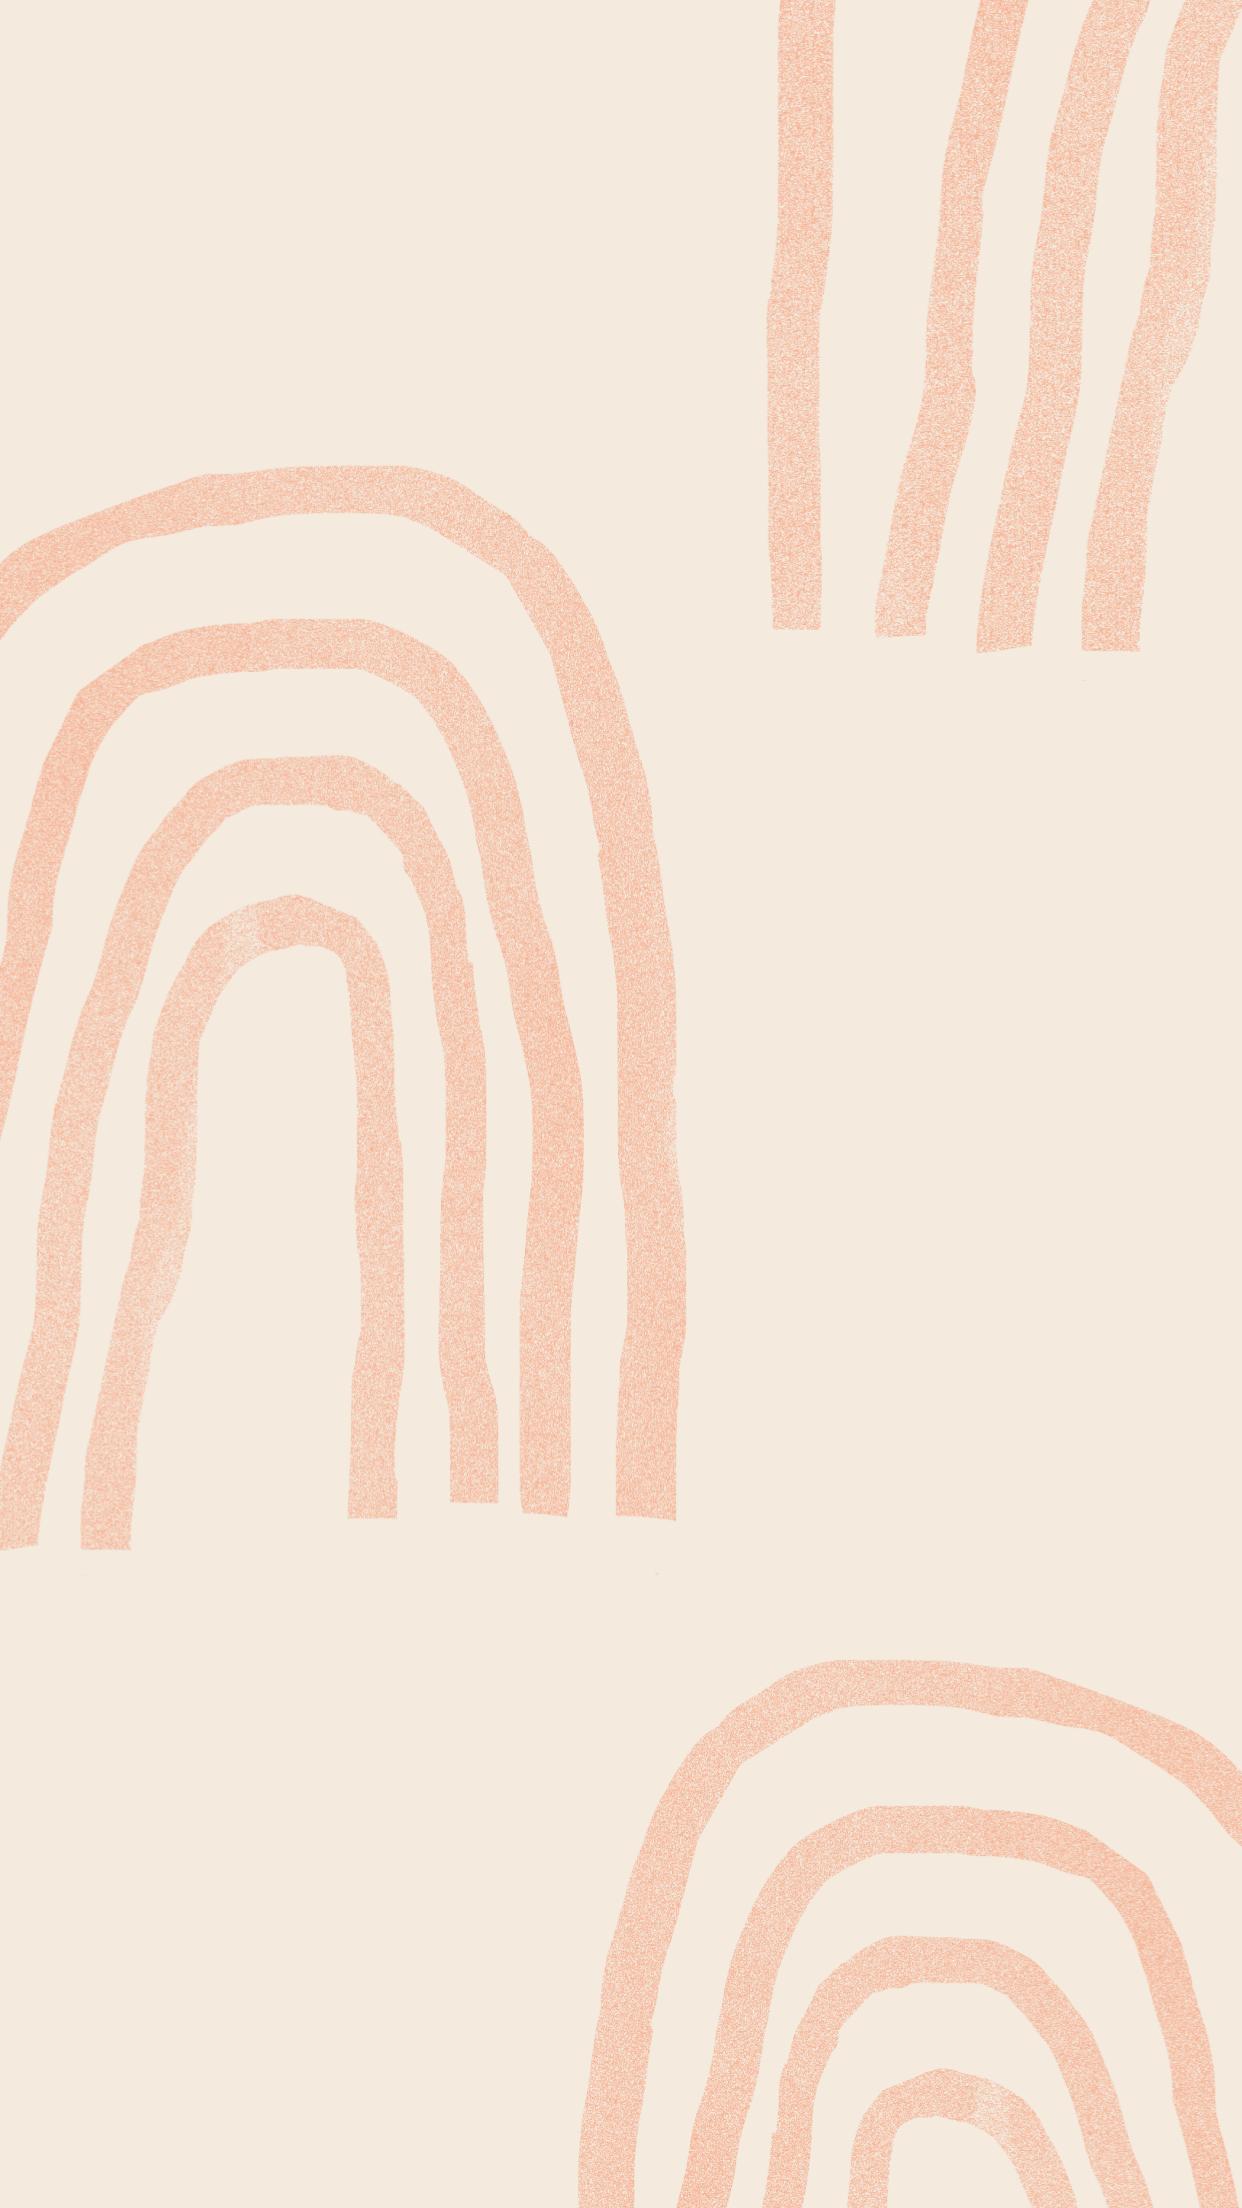 Texture Cute Patterns Wallpaper Art Wallpaper Iphone Background Wallpaper